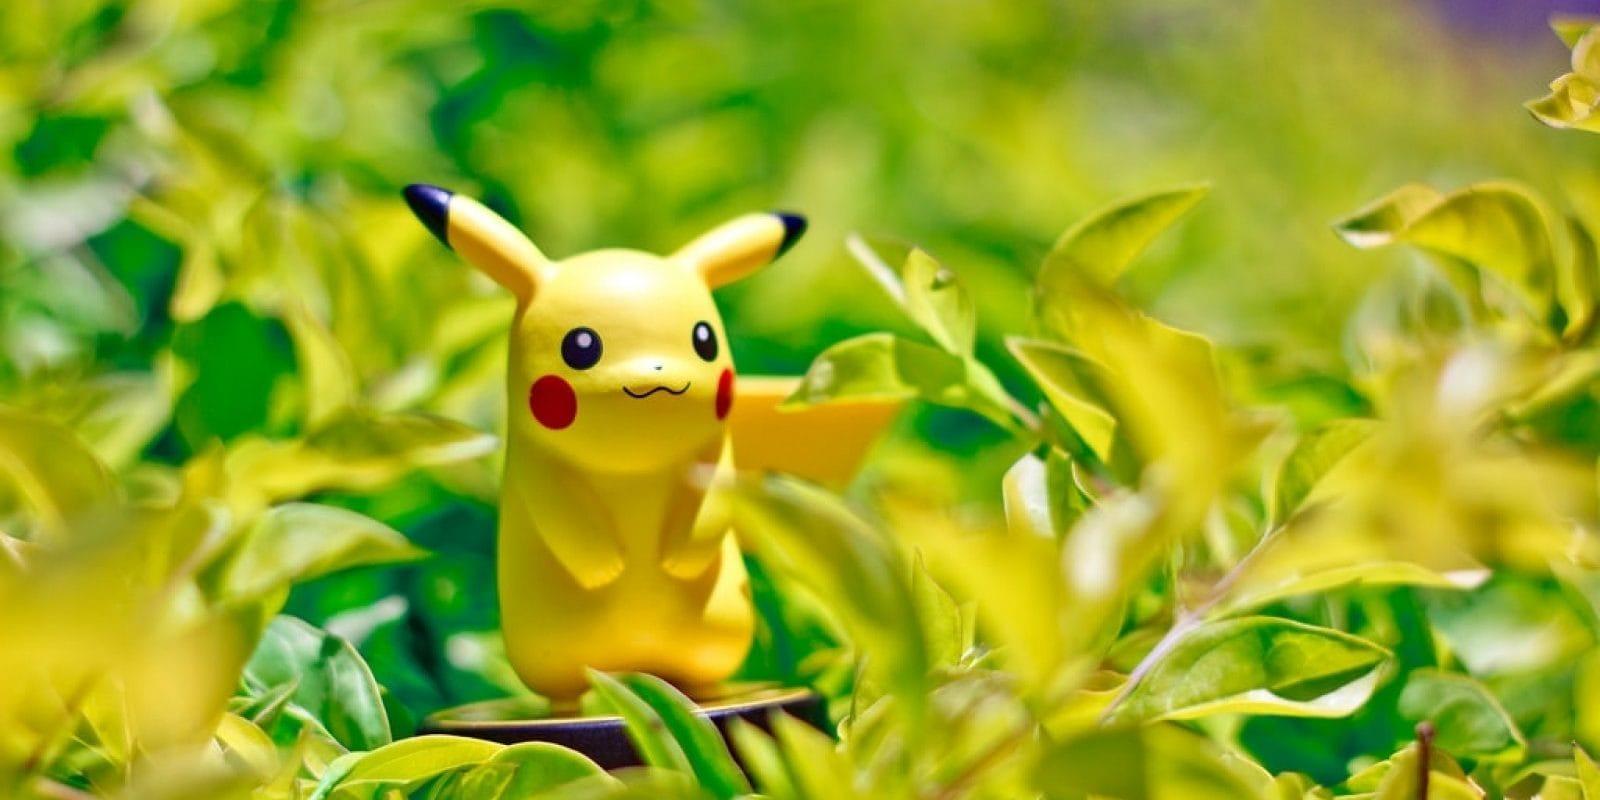 Comment les chefs d'établissements gèrent ces nouveaux élèves, les Pokémons